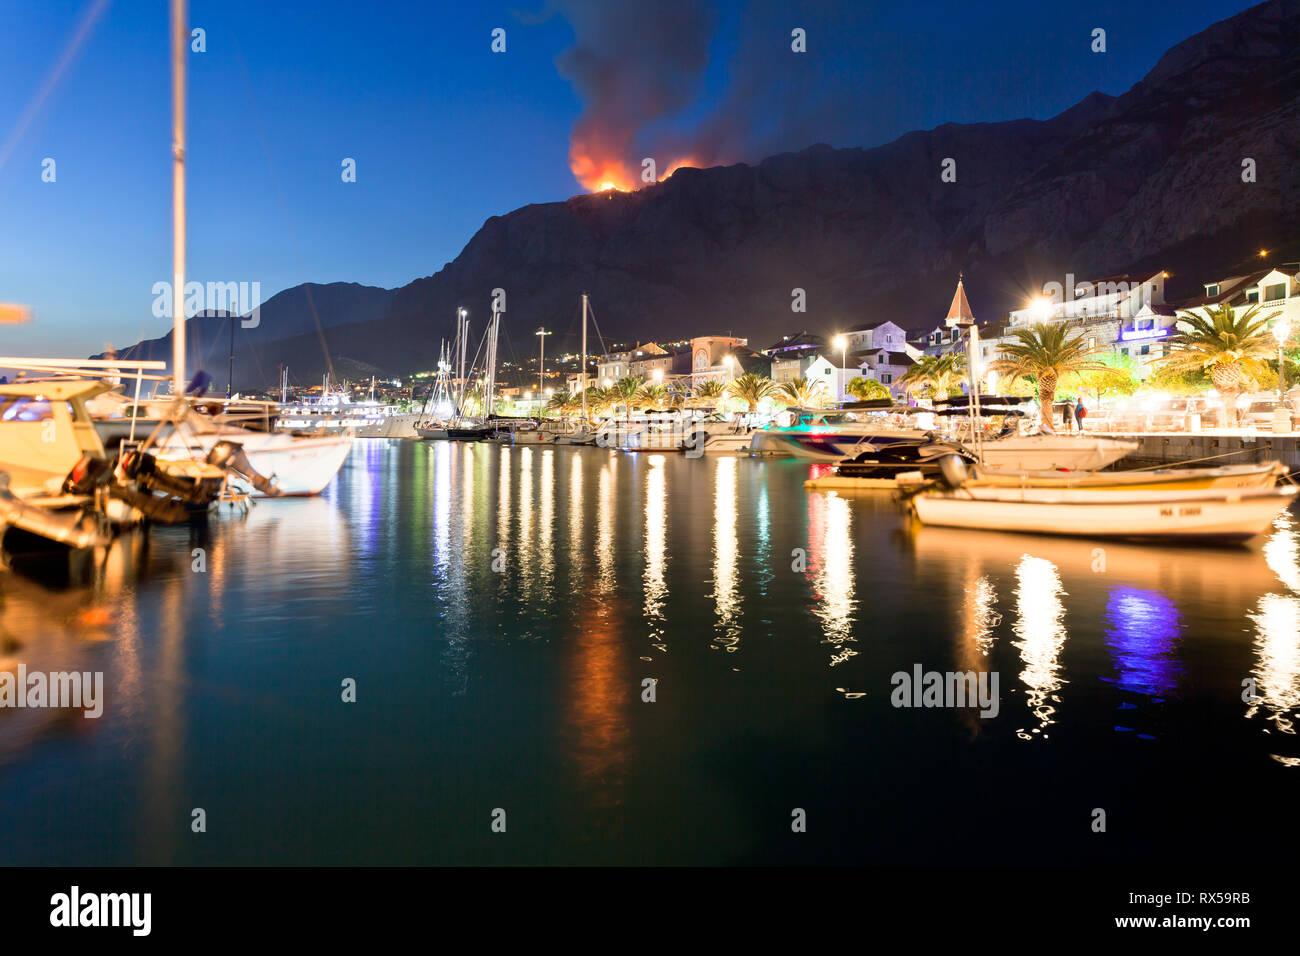 Makarska, Dalmatien, Kroatien, Europa - ein wildfire in den Bergen von Makarska in der Nacht Stockfoto